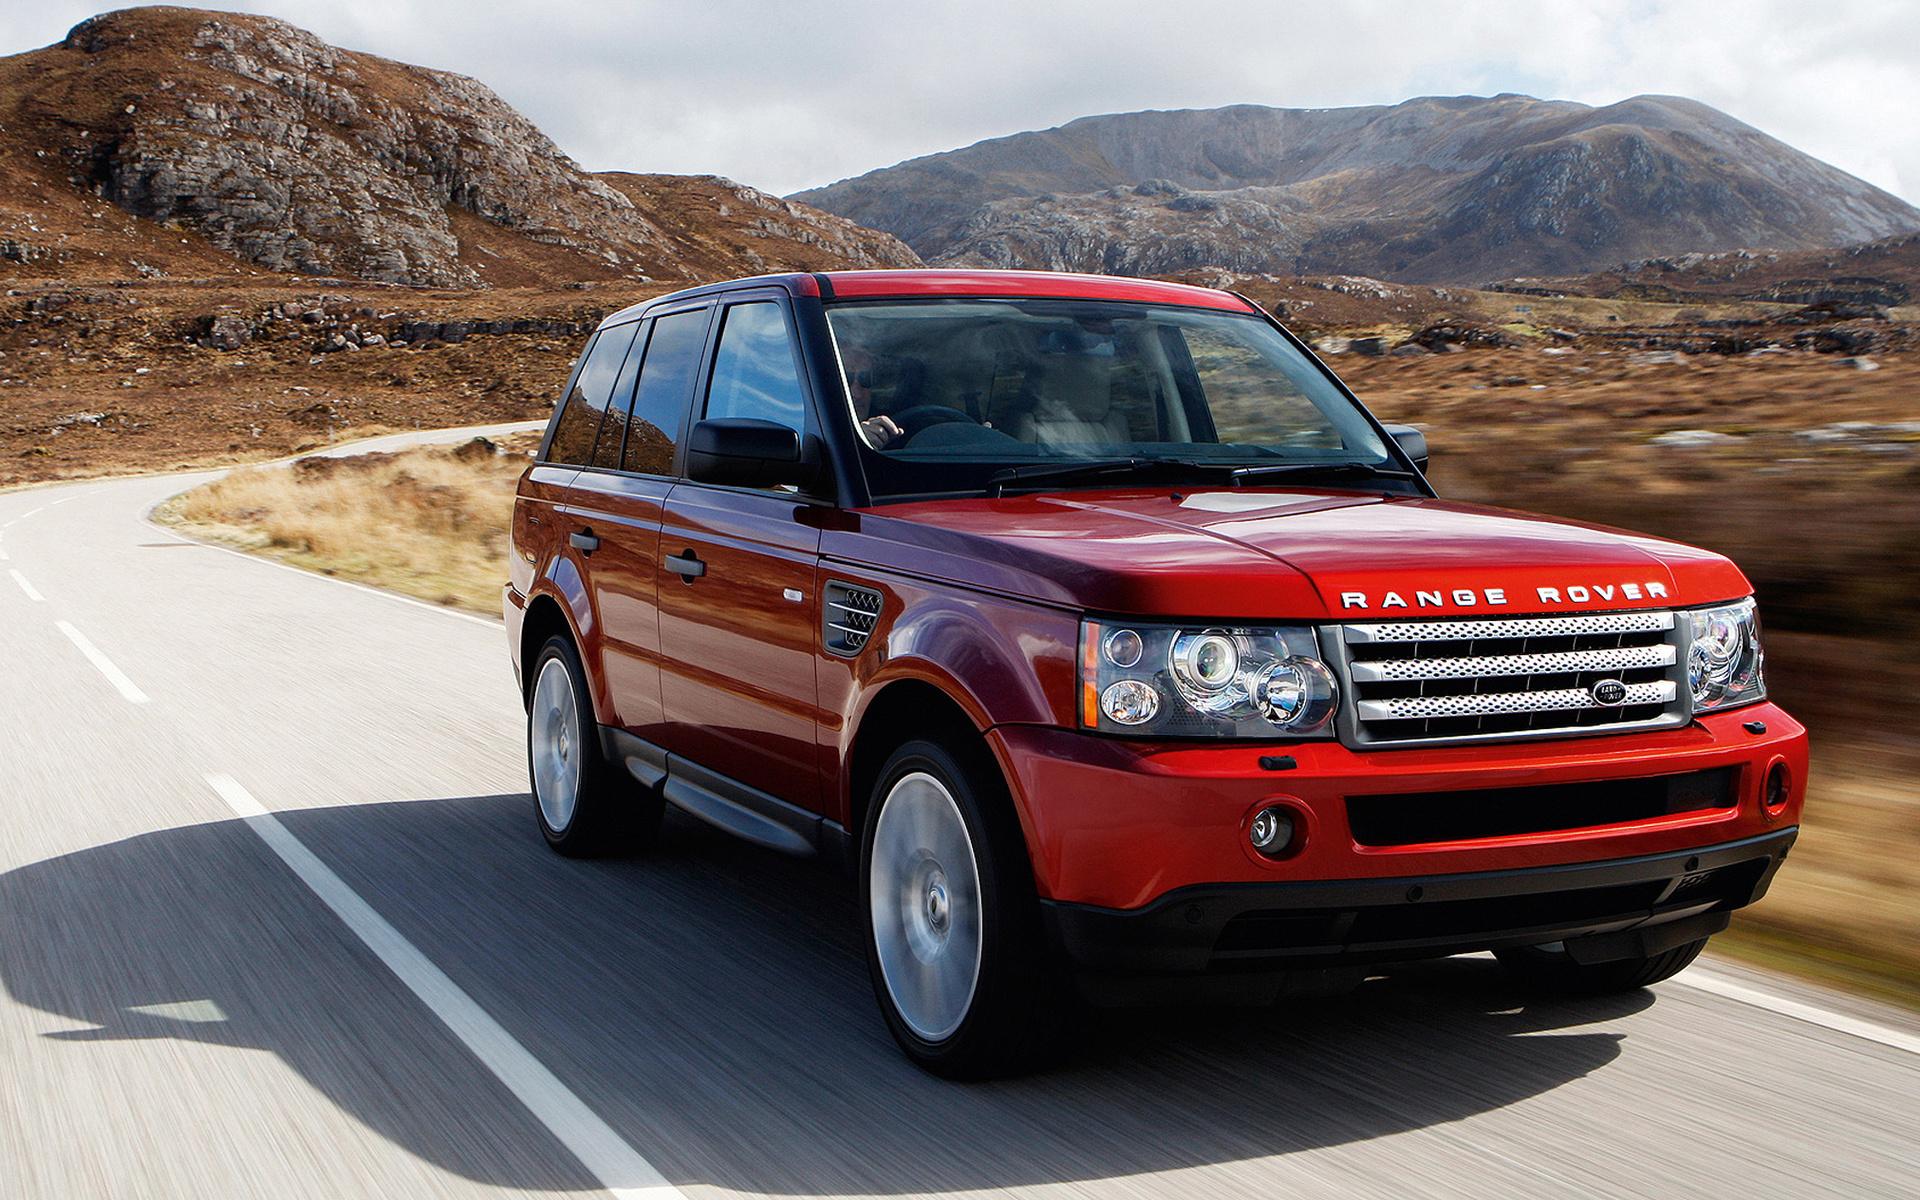 38716 скачать обои Машины, Рендж Ровер (Range Rover) - заставки и картинки бесплатно